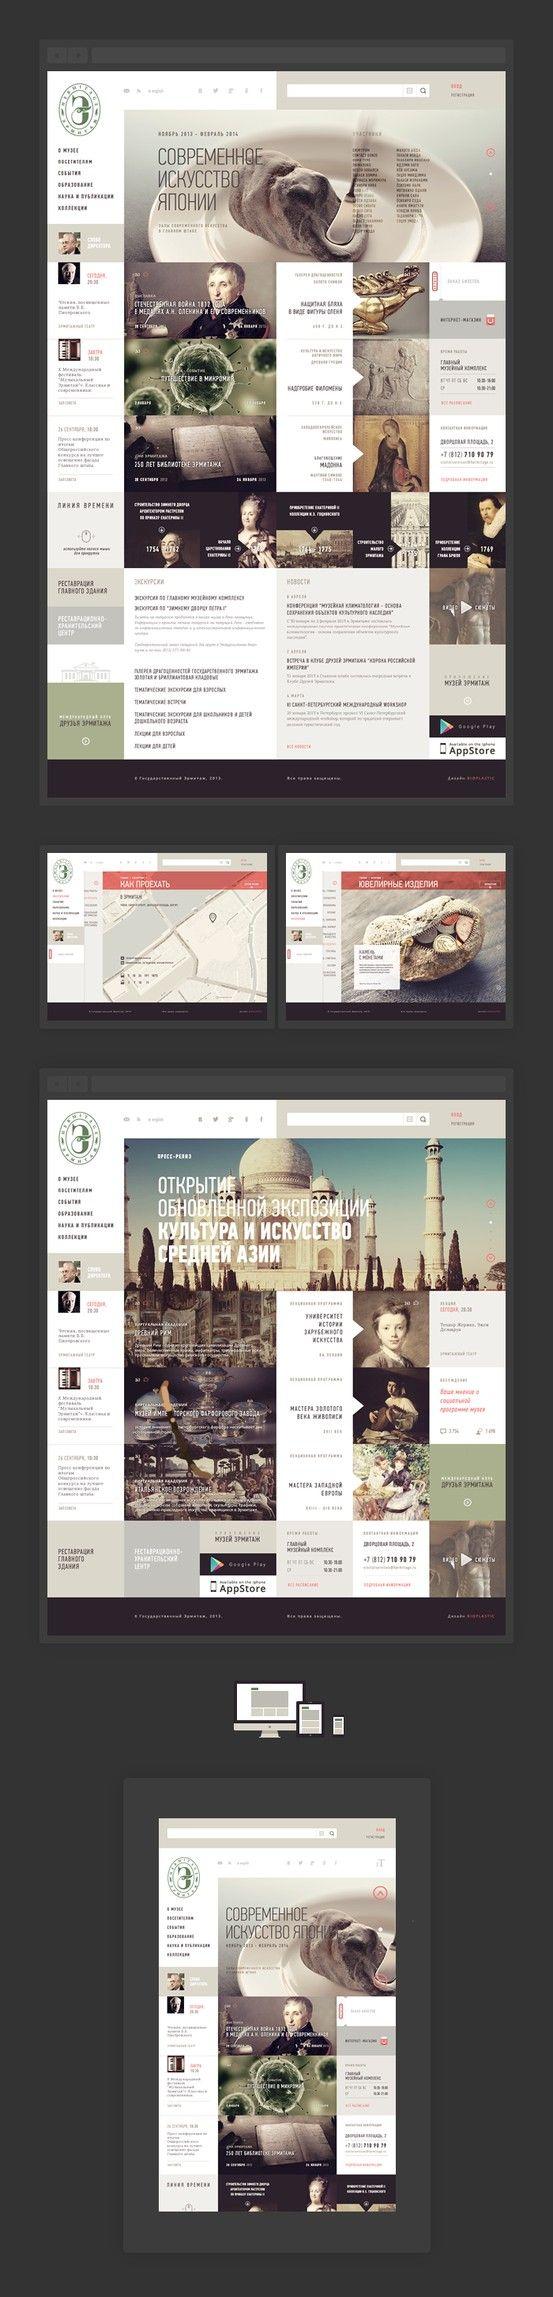 Affordable Montreal Website Design Top Quality Fast Delivery Web Design Web Design Inspiration Flat Web Design